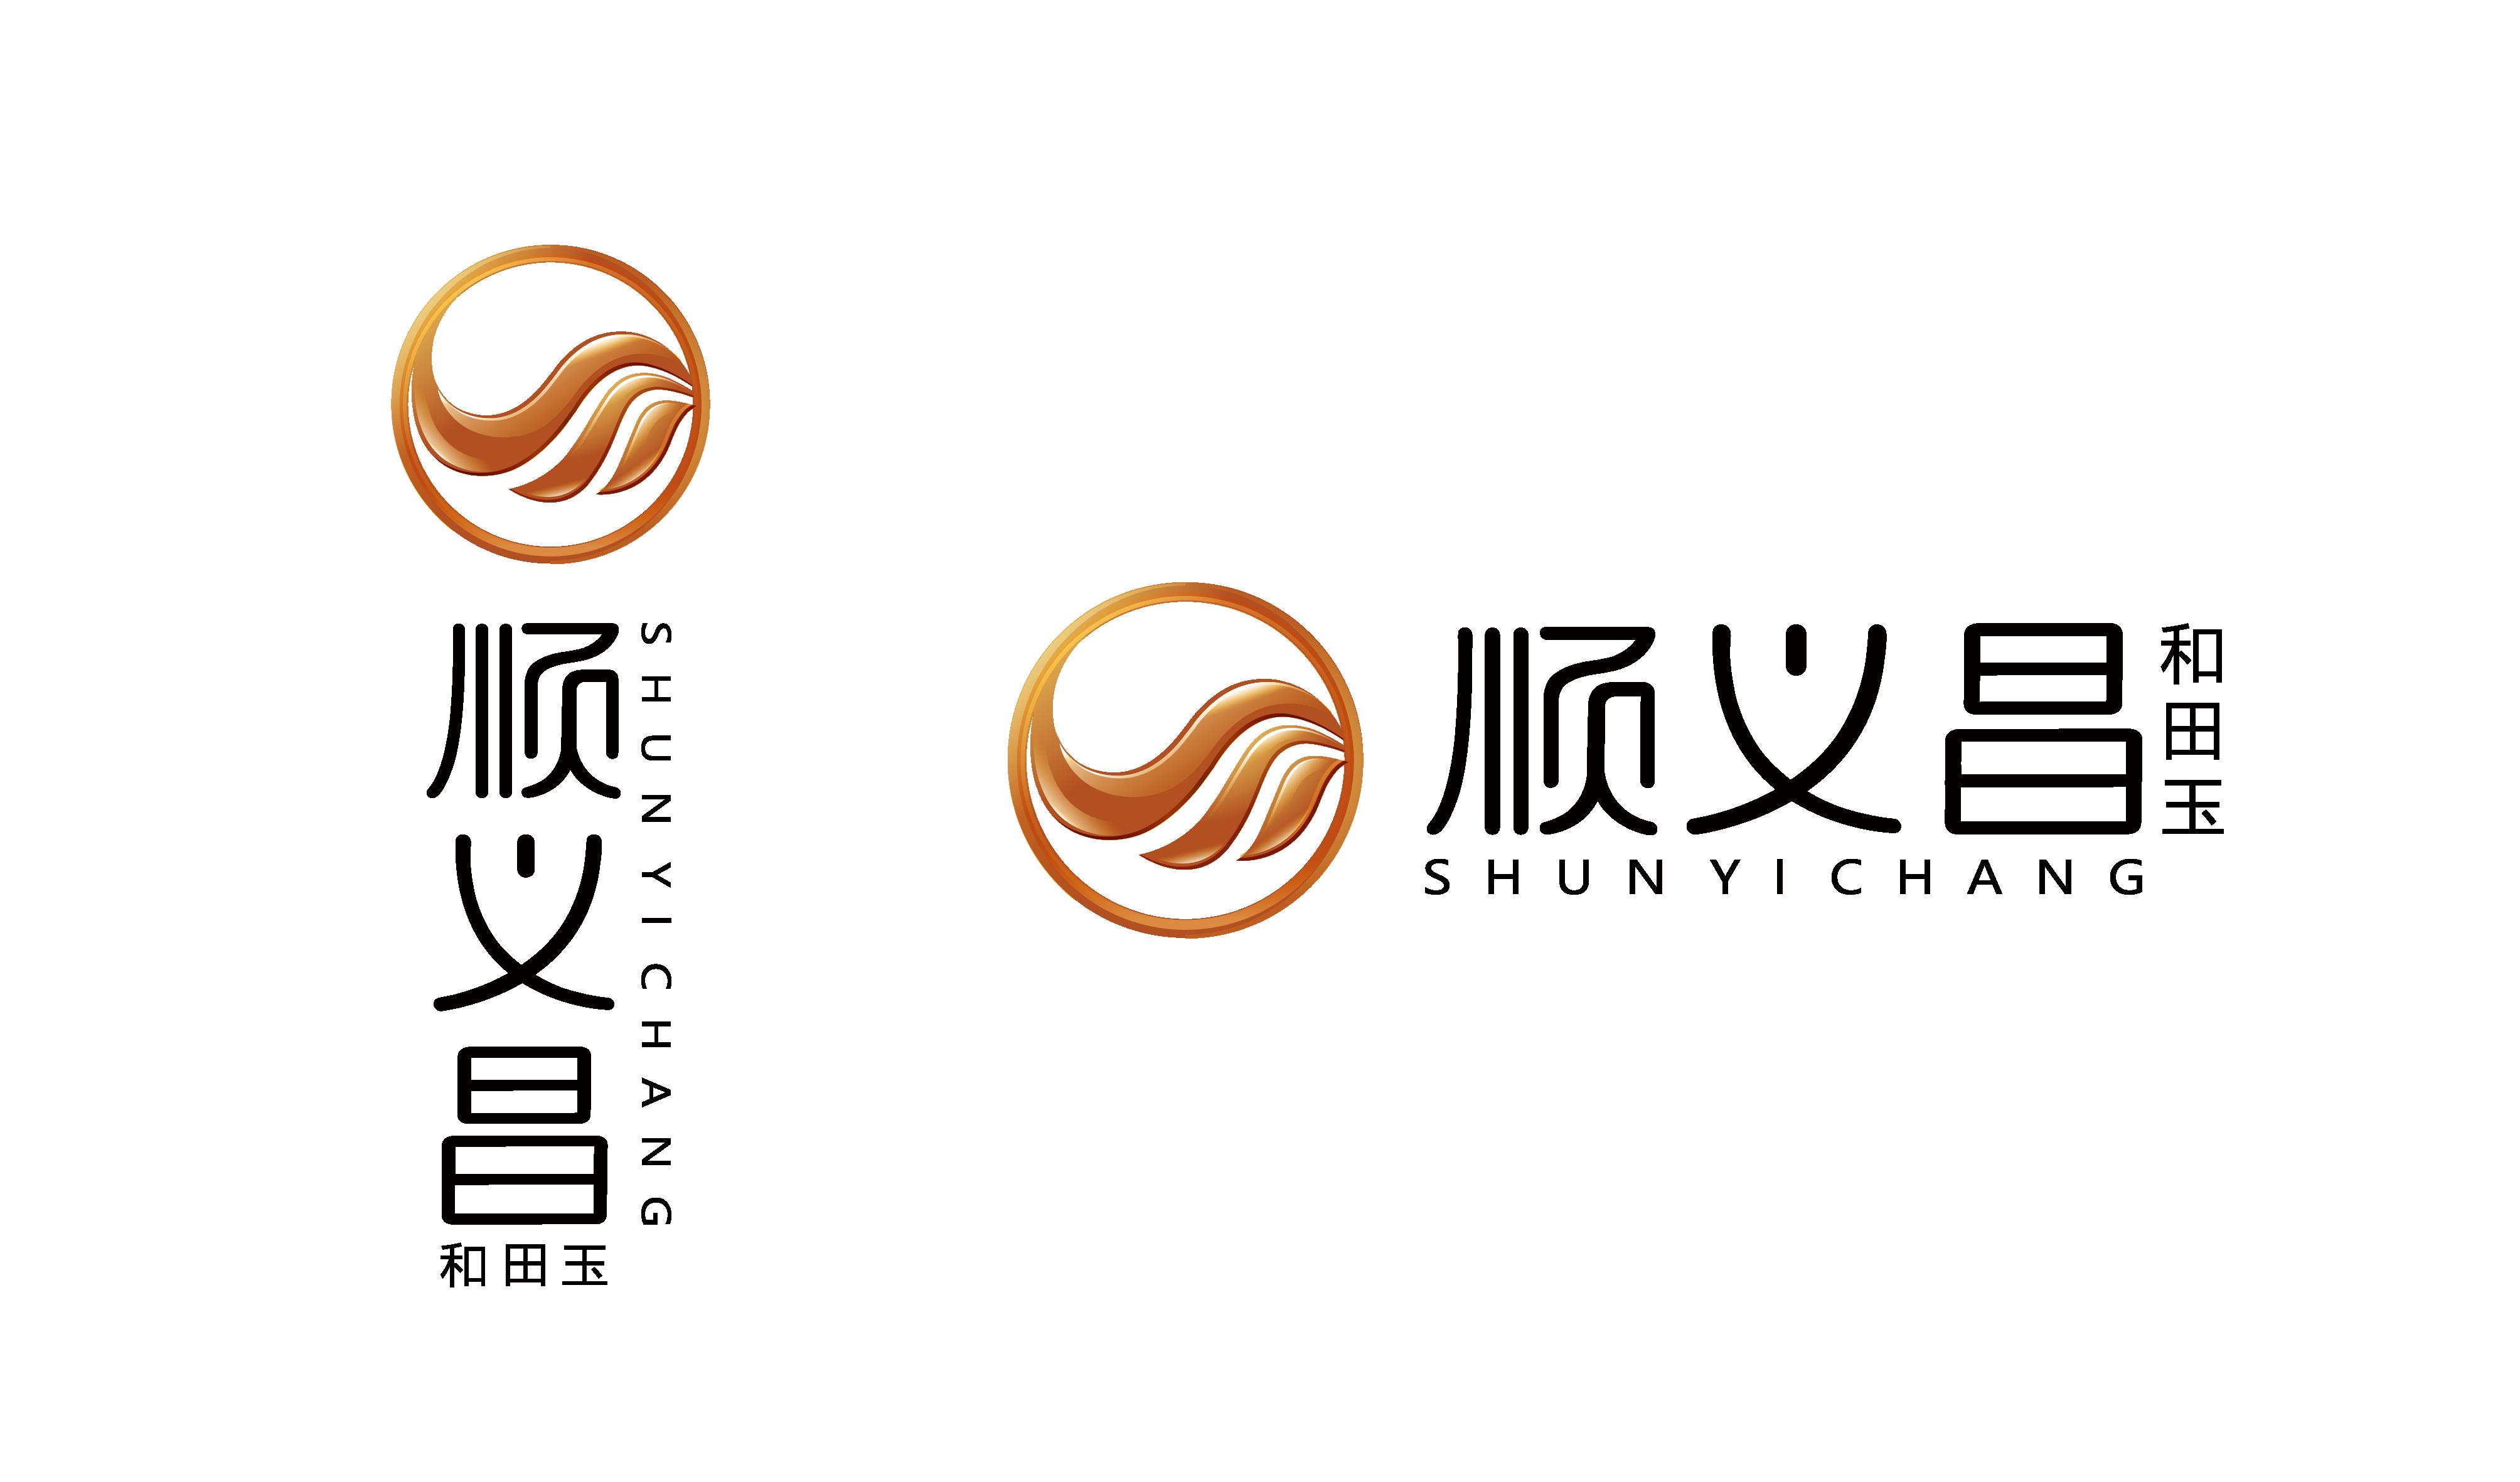 顺义昌和田玉,根据《易经》里的五行而设计图片